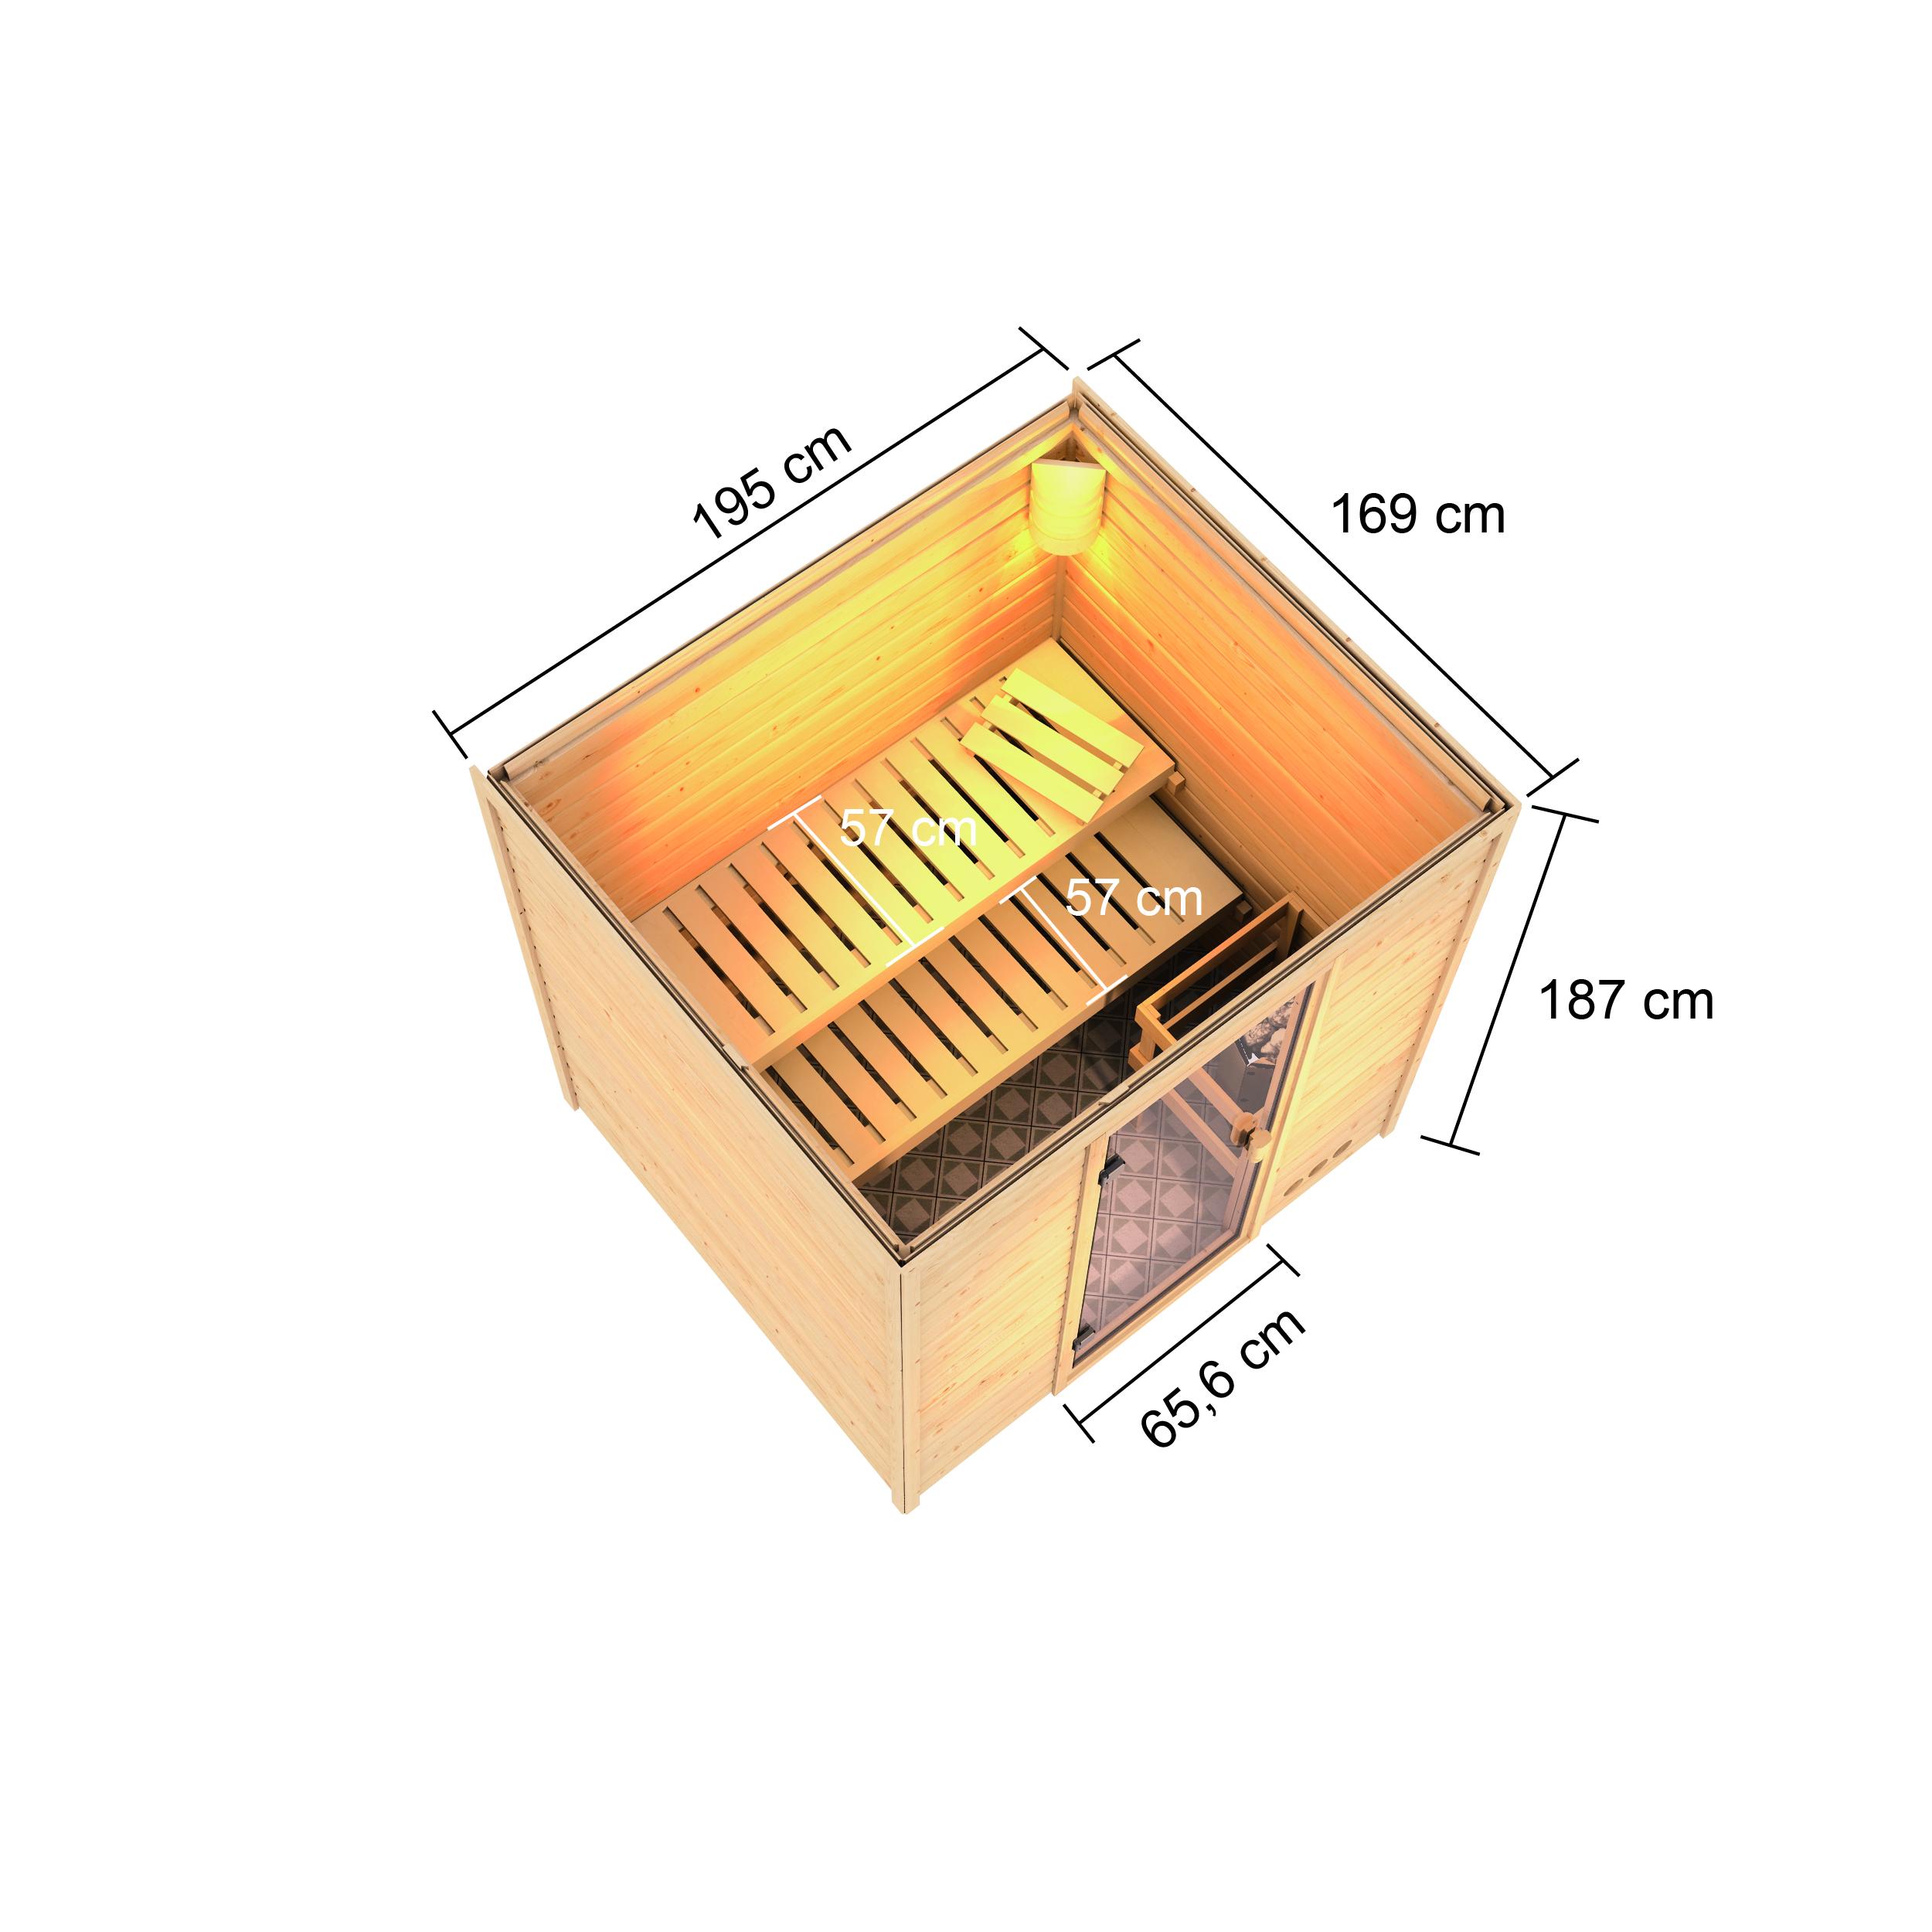 Woodfeeling Sauna Adelina 38mm Saunaofen 9kW extern Bild 12